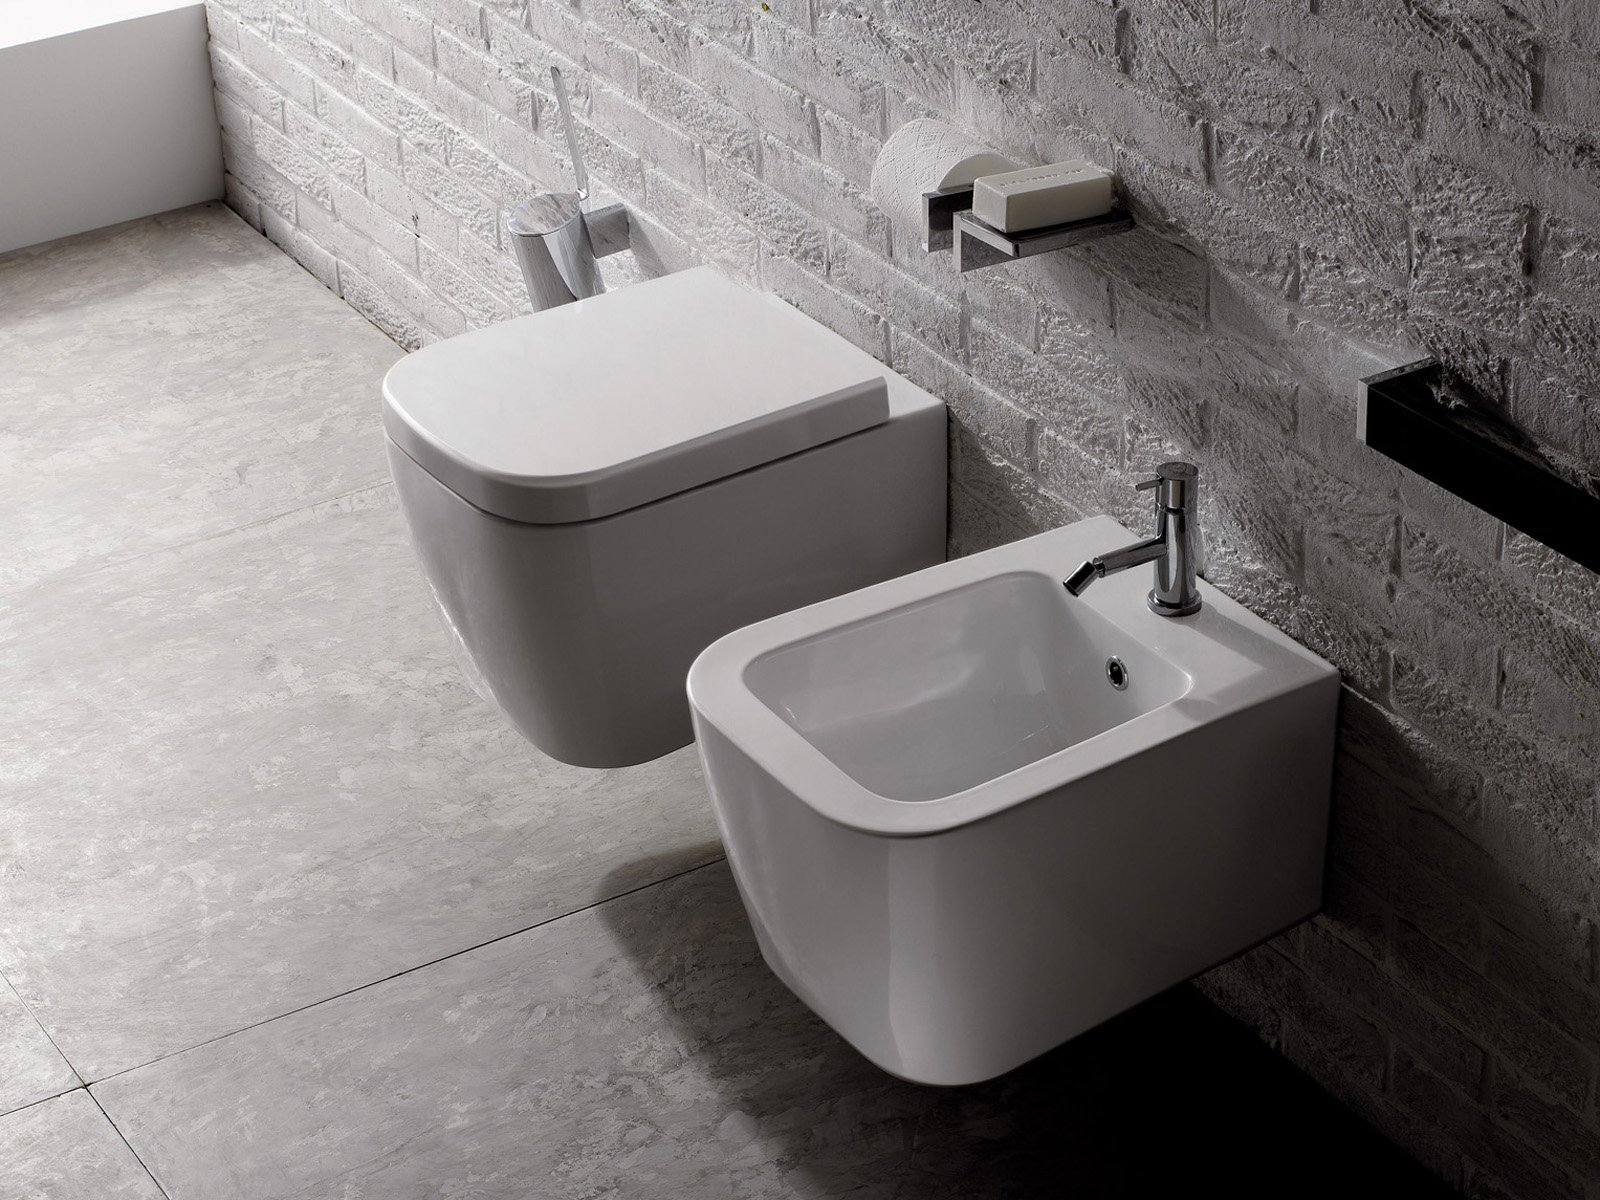 Soluzioni per il bagno piccolo cose di casa - Produttori sanitari da bagno ...